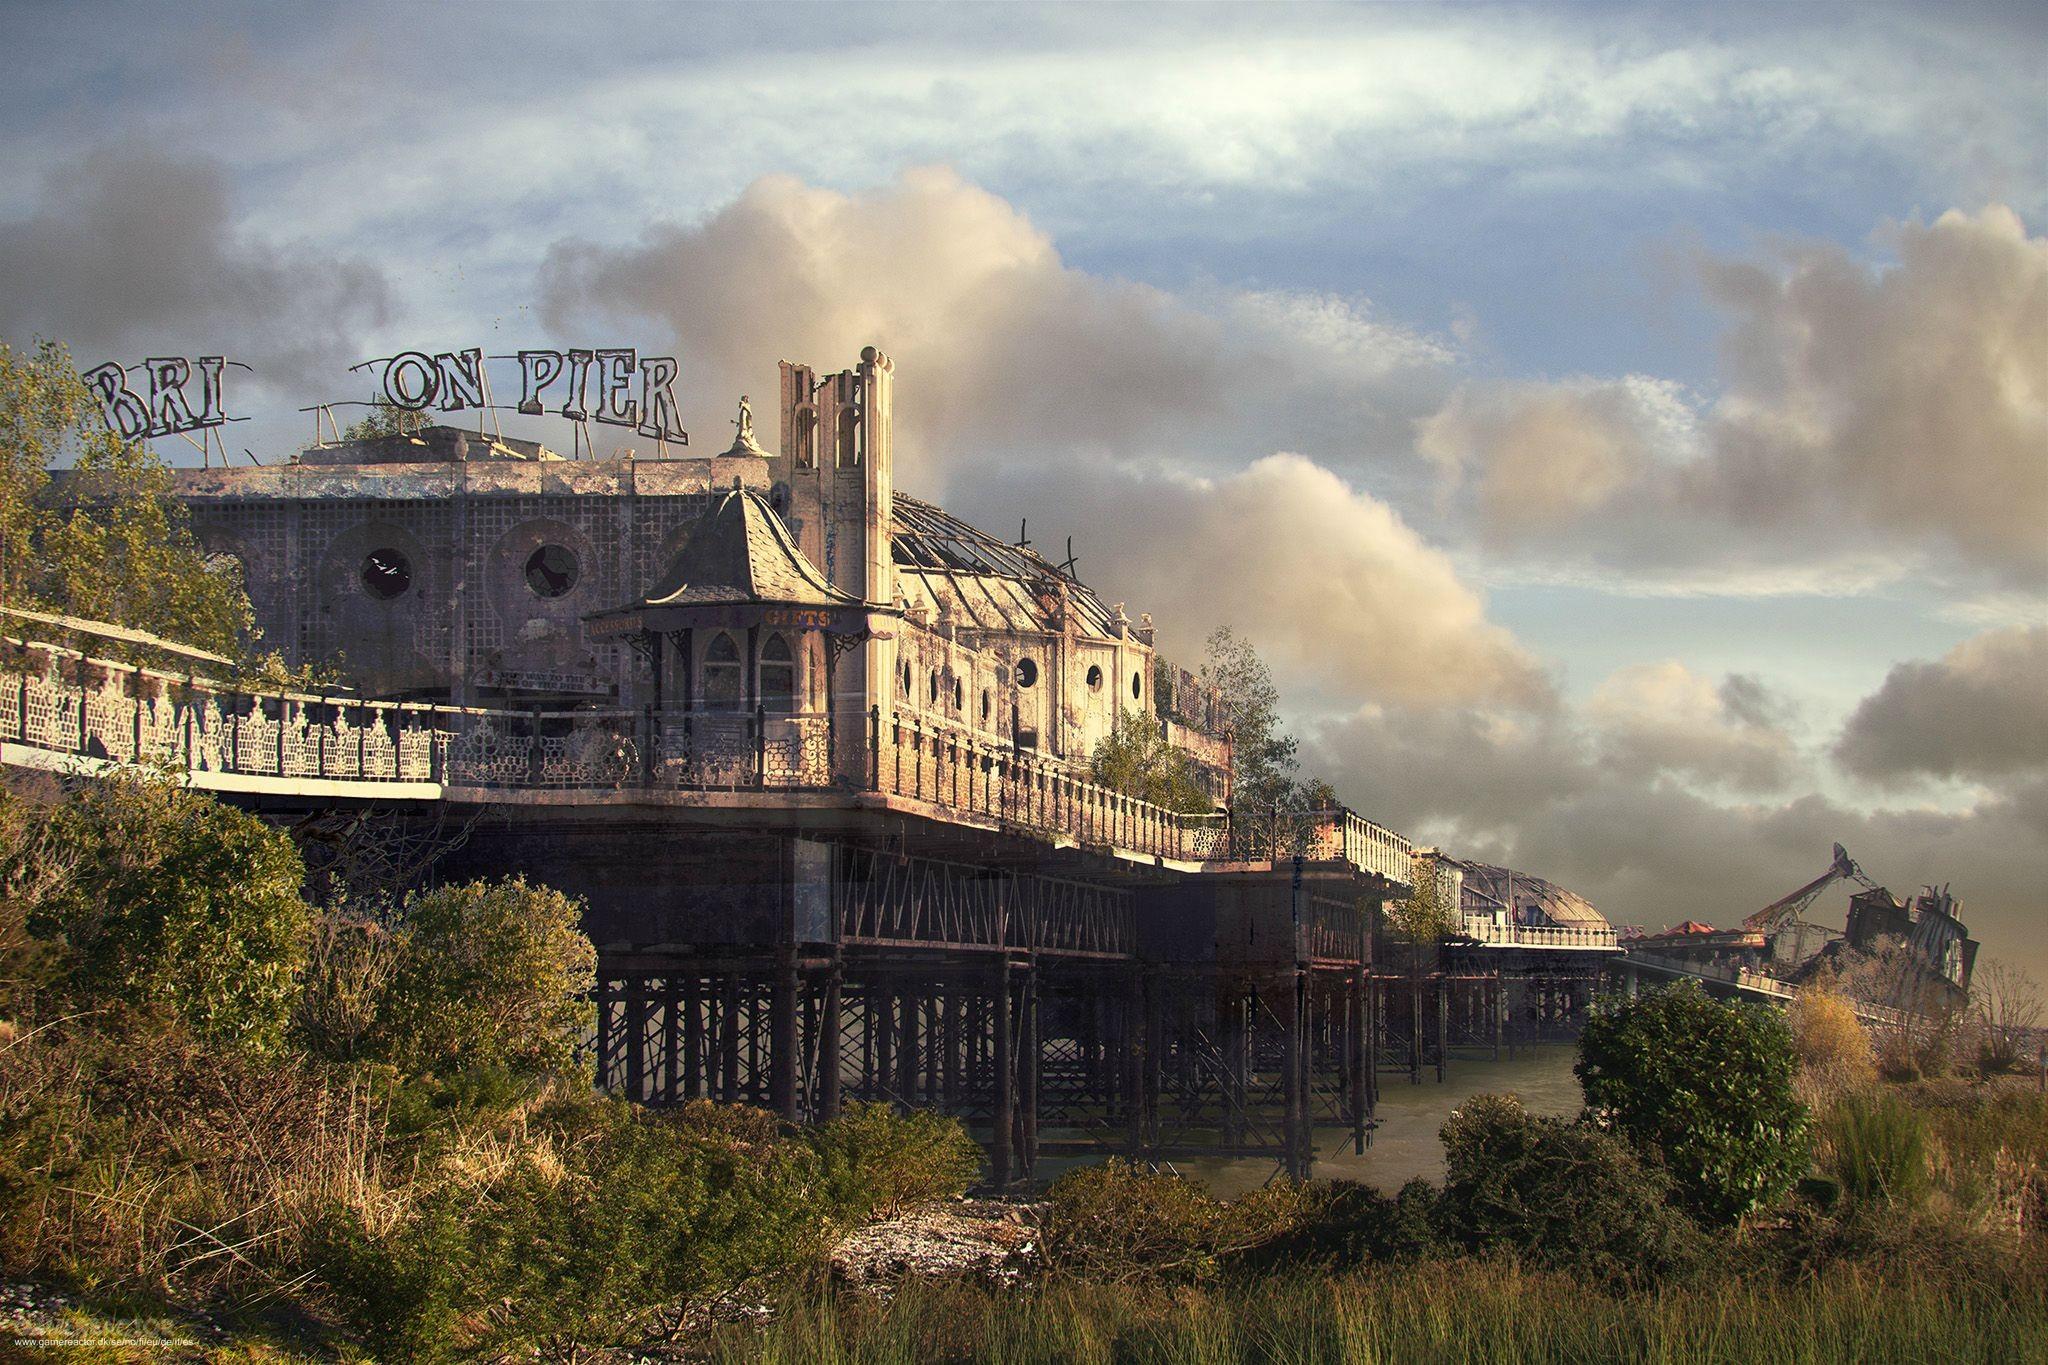 Lugares-famosos-post-apocalipticos-32.jpg